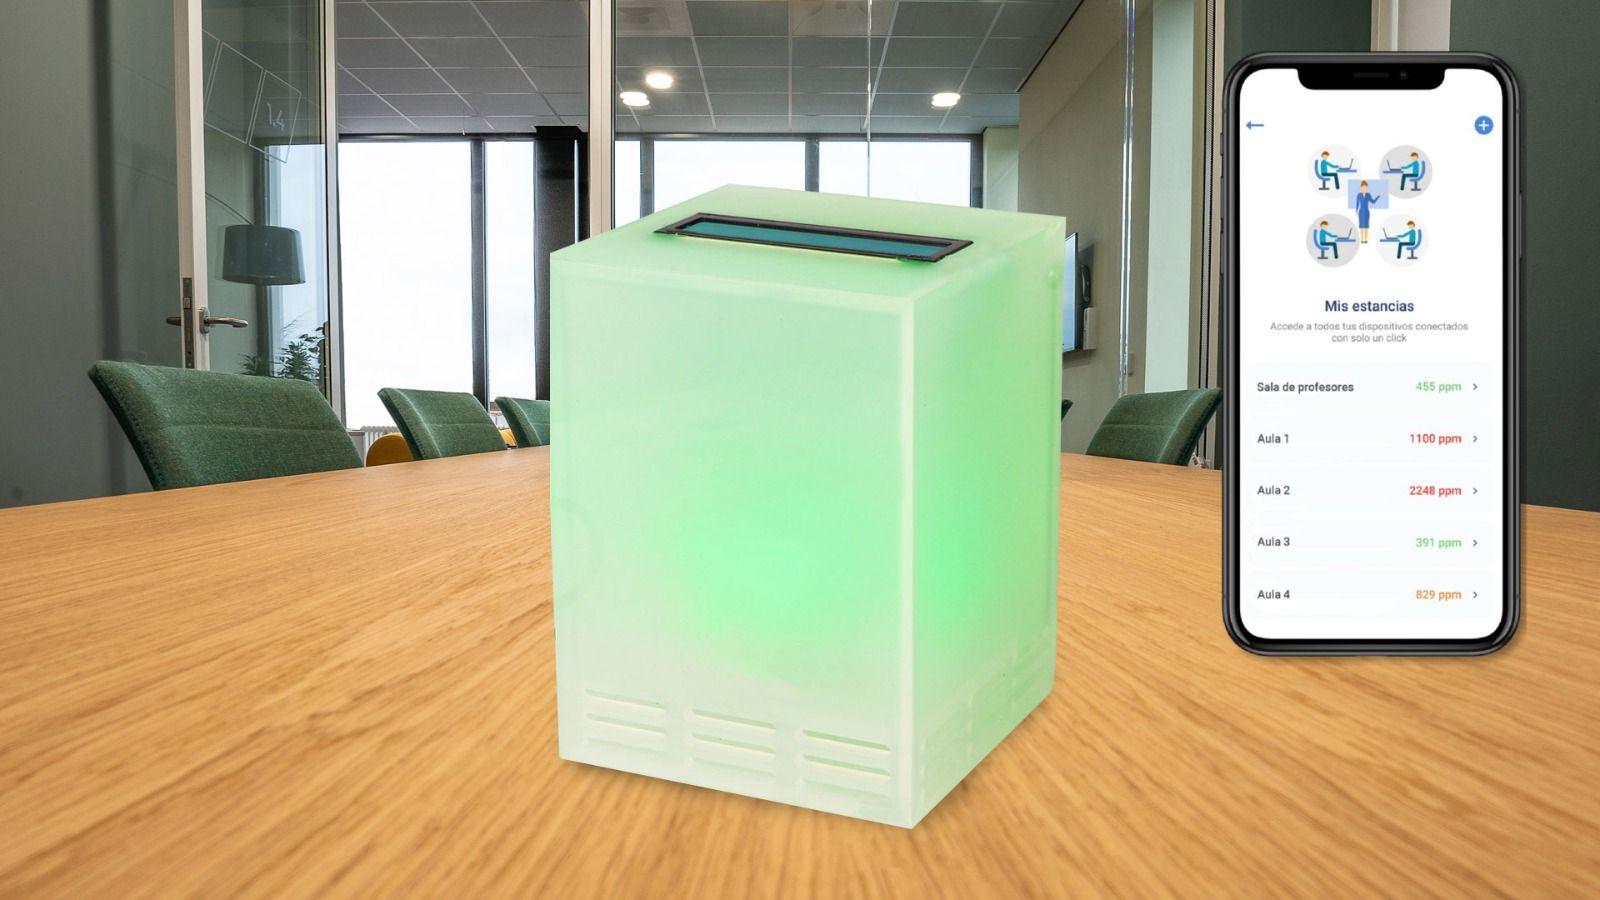 Medidores de CO2 para evitar la expansión del Covid en espacios cerrados